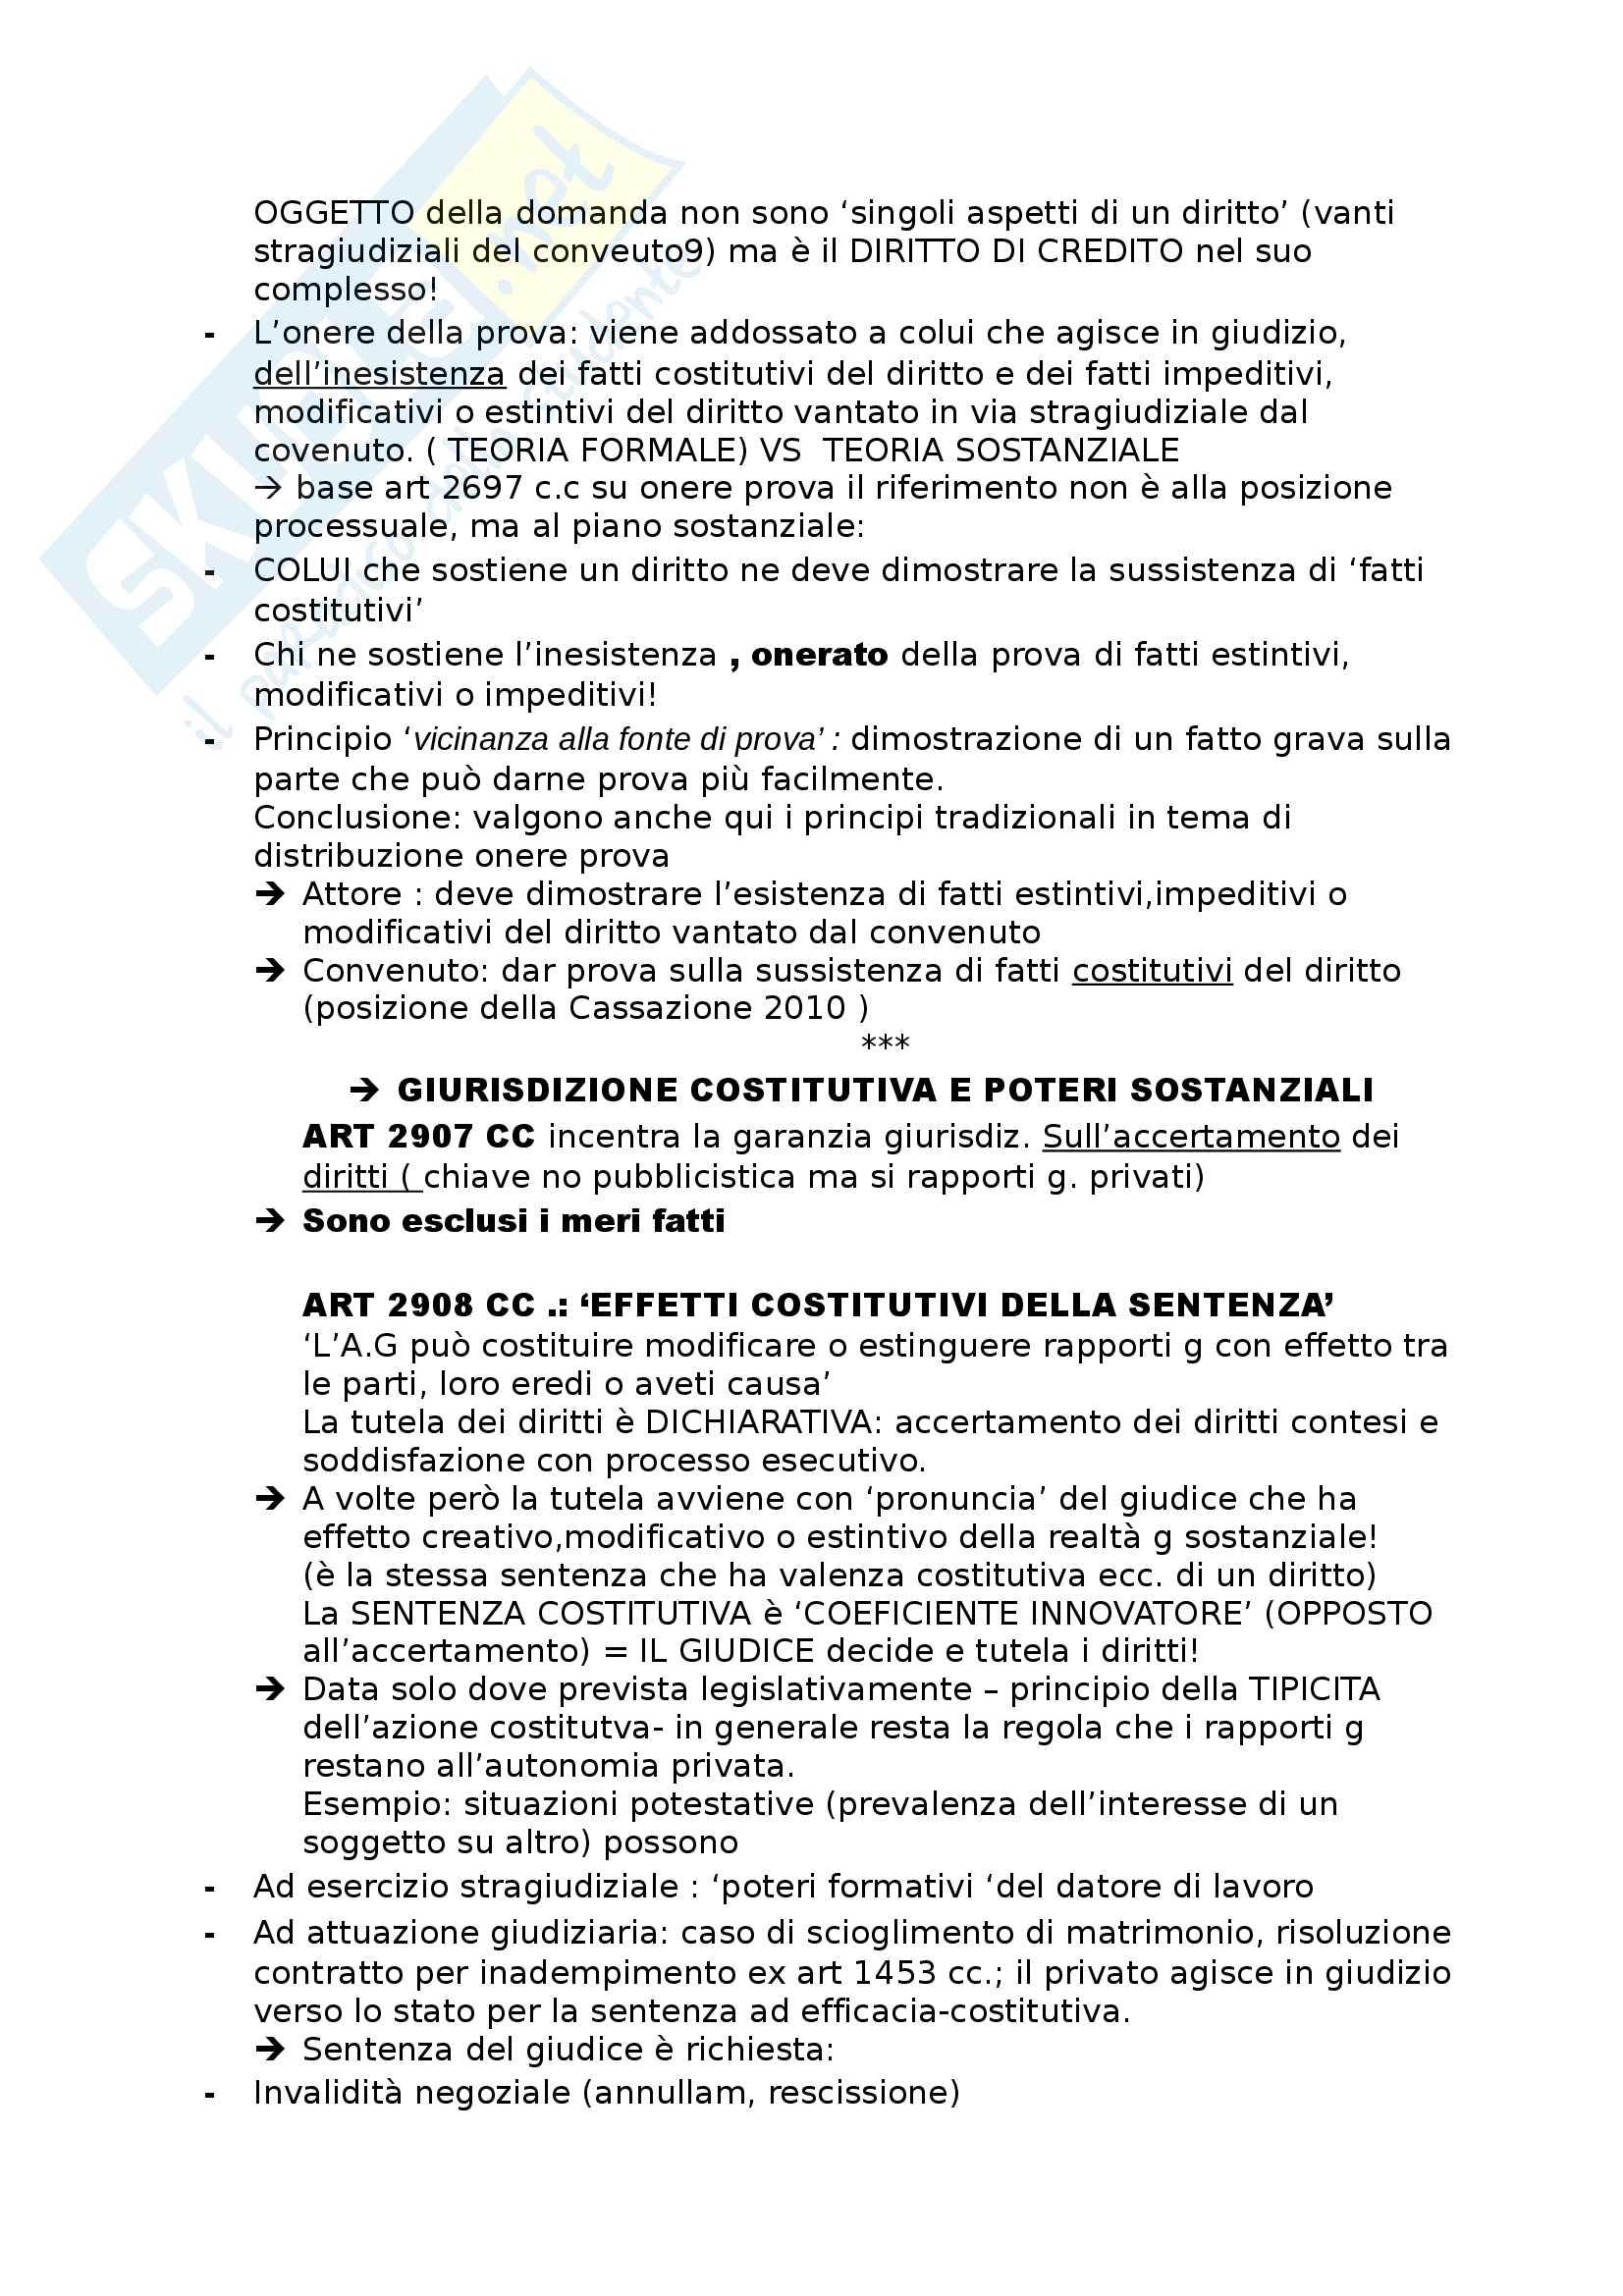 Riassunto esame procedura civile, prof Consolo. Libro consigliato Spiegazioni di diritto processuale civile, Consolo Pag. 6